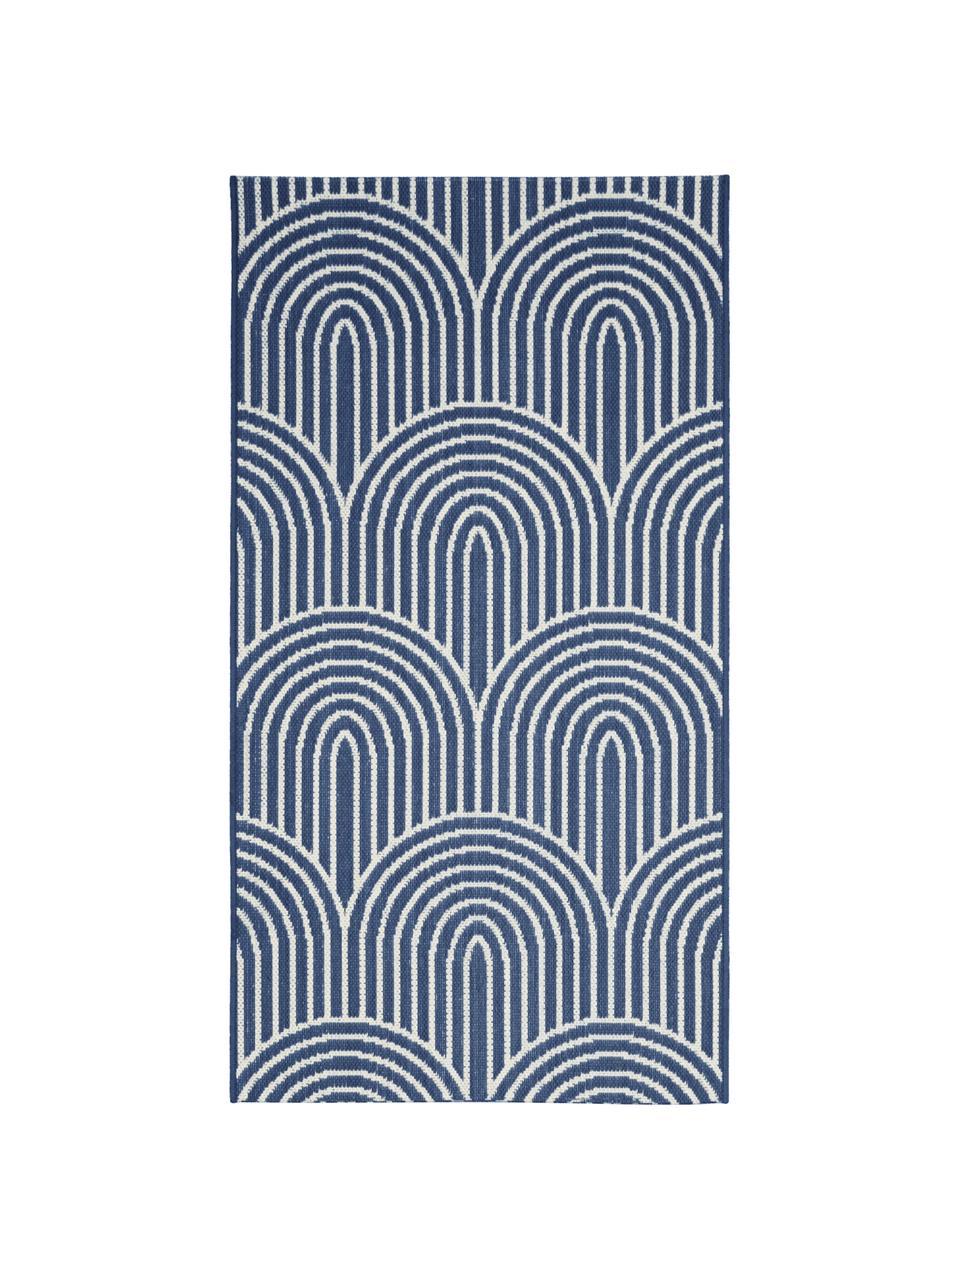 Tappeto blu/bianco da interno-esterno Arches, 86% polipropilene, 14% poliestere, Blu, bianco, Larg. 200 x Lung. 290 cm (taglia L)